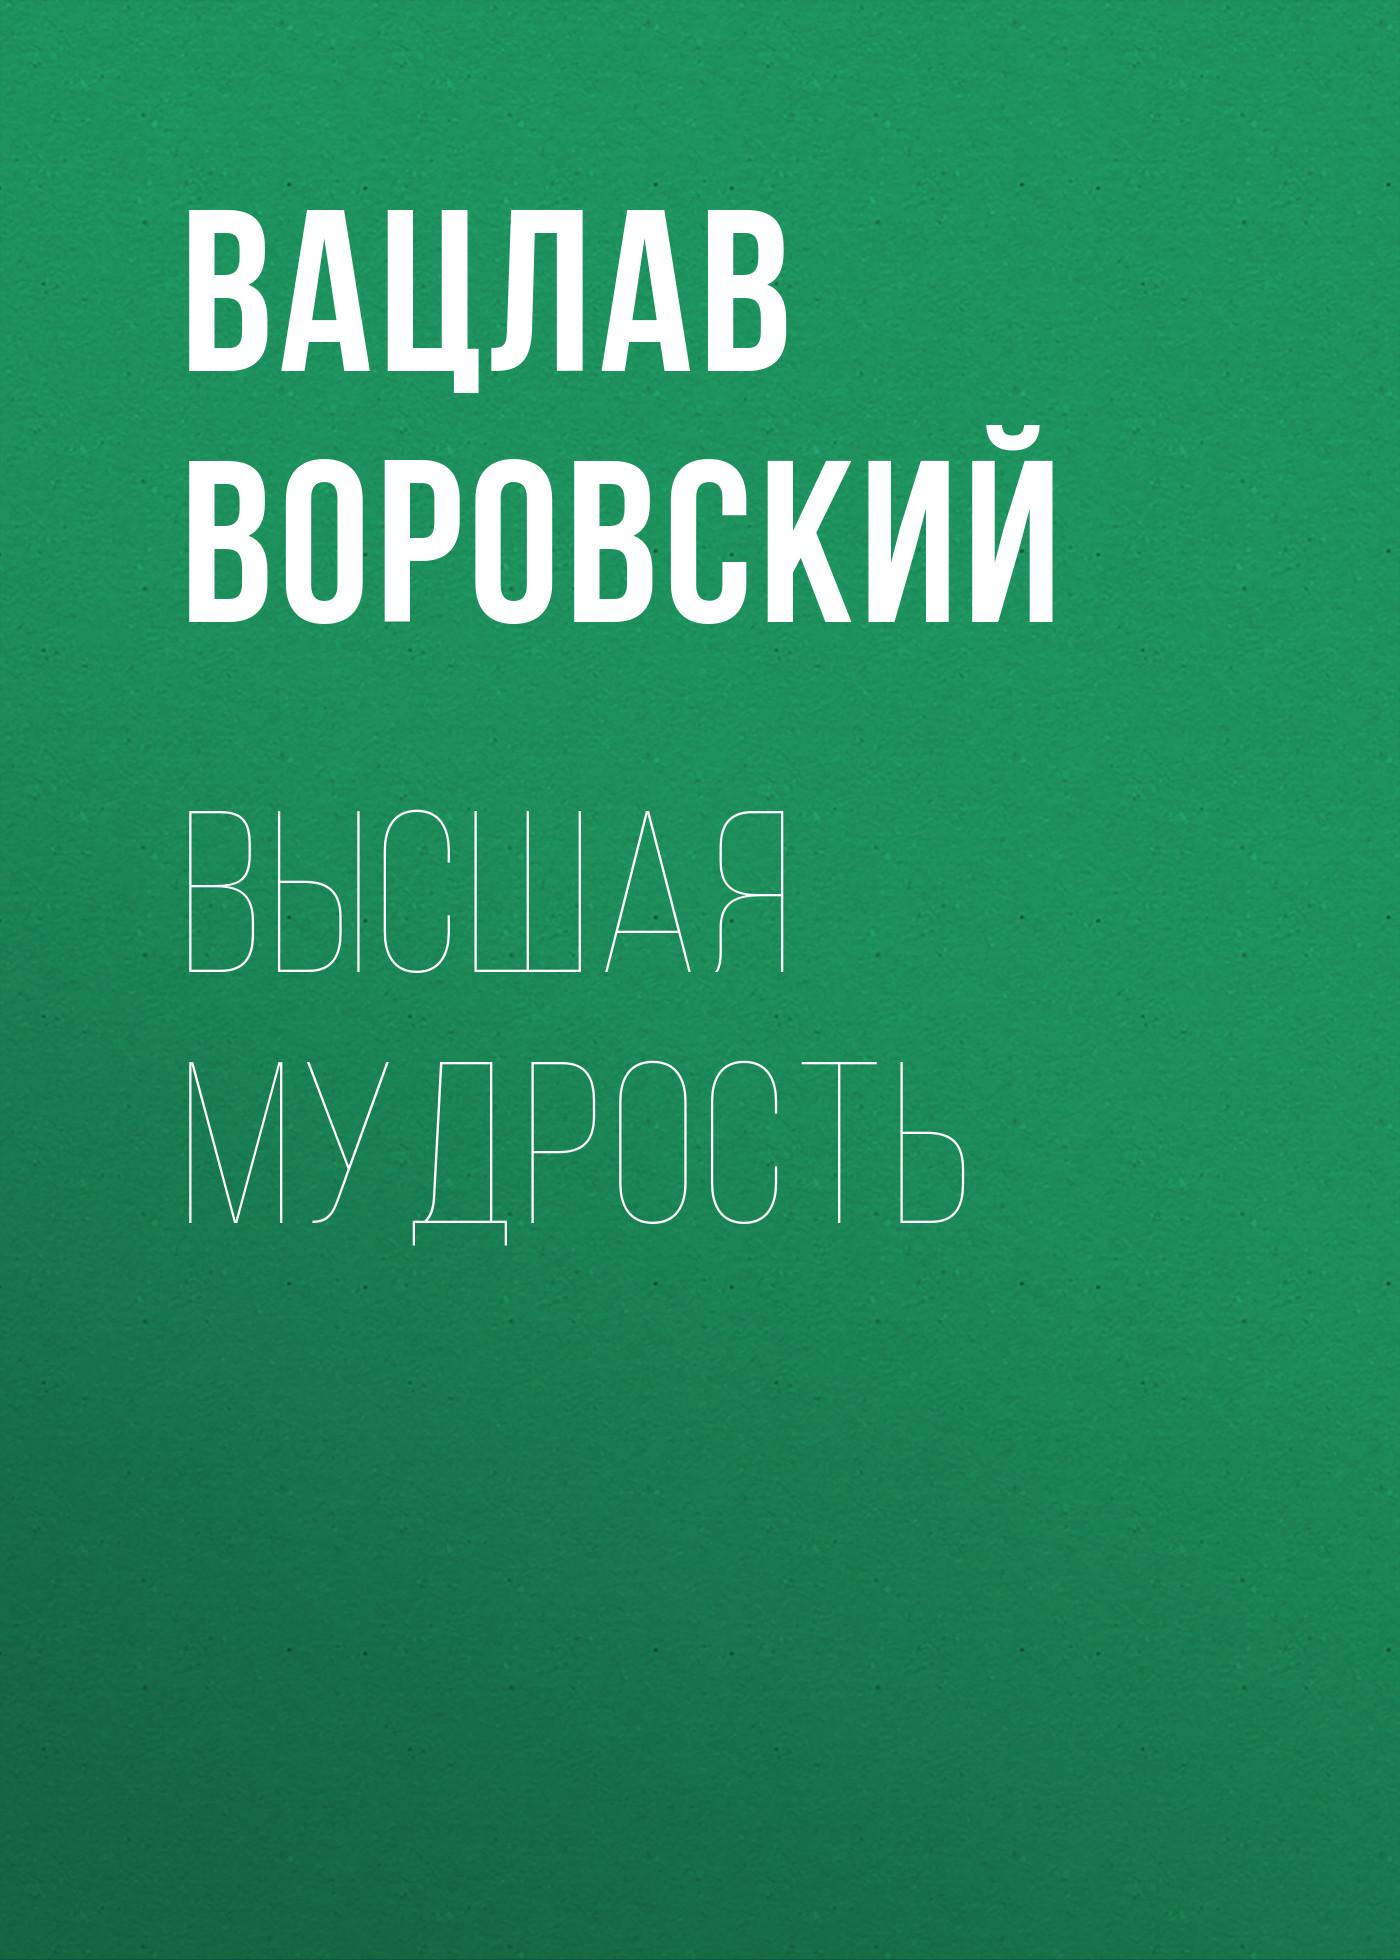 Вацлав Воровский Высшая мудрость ногу свело